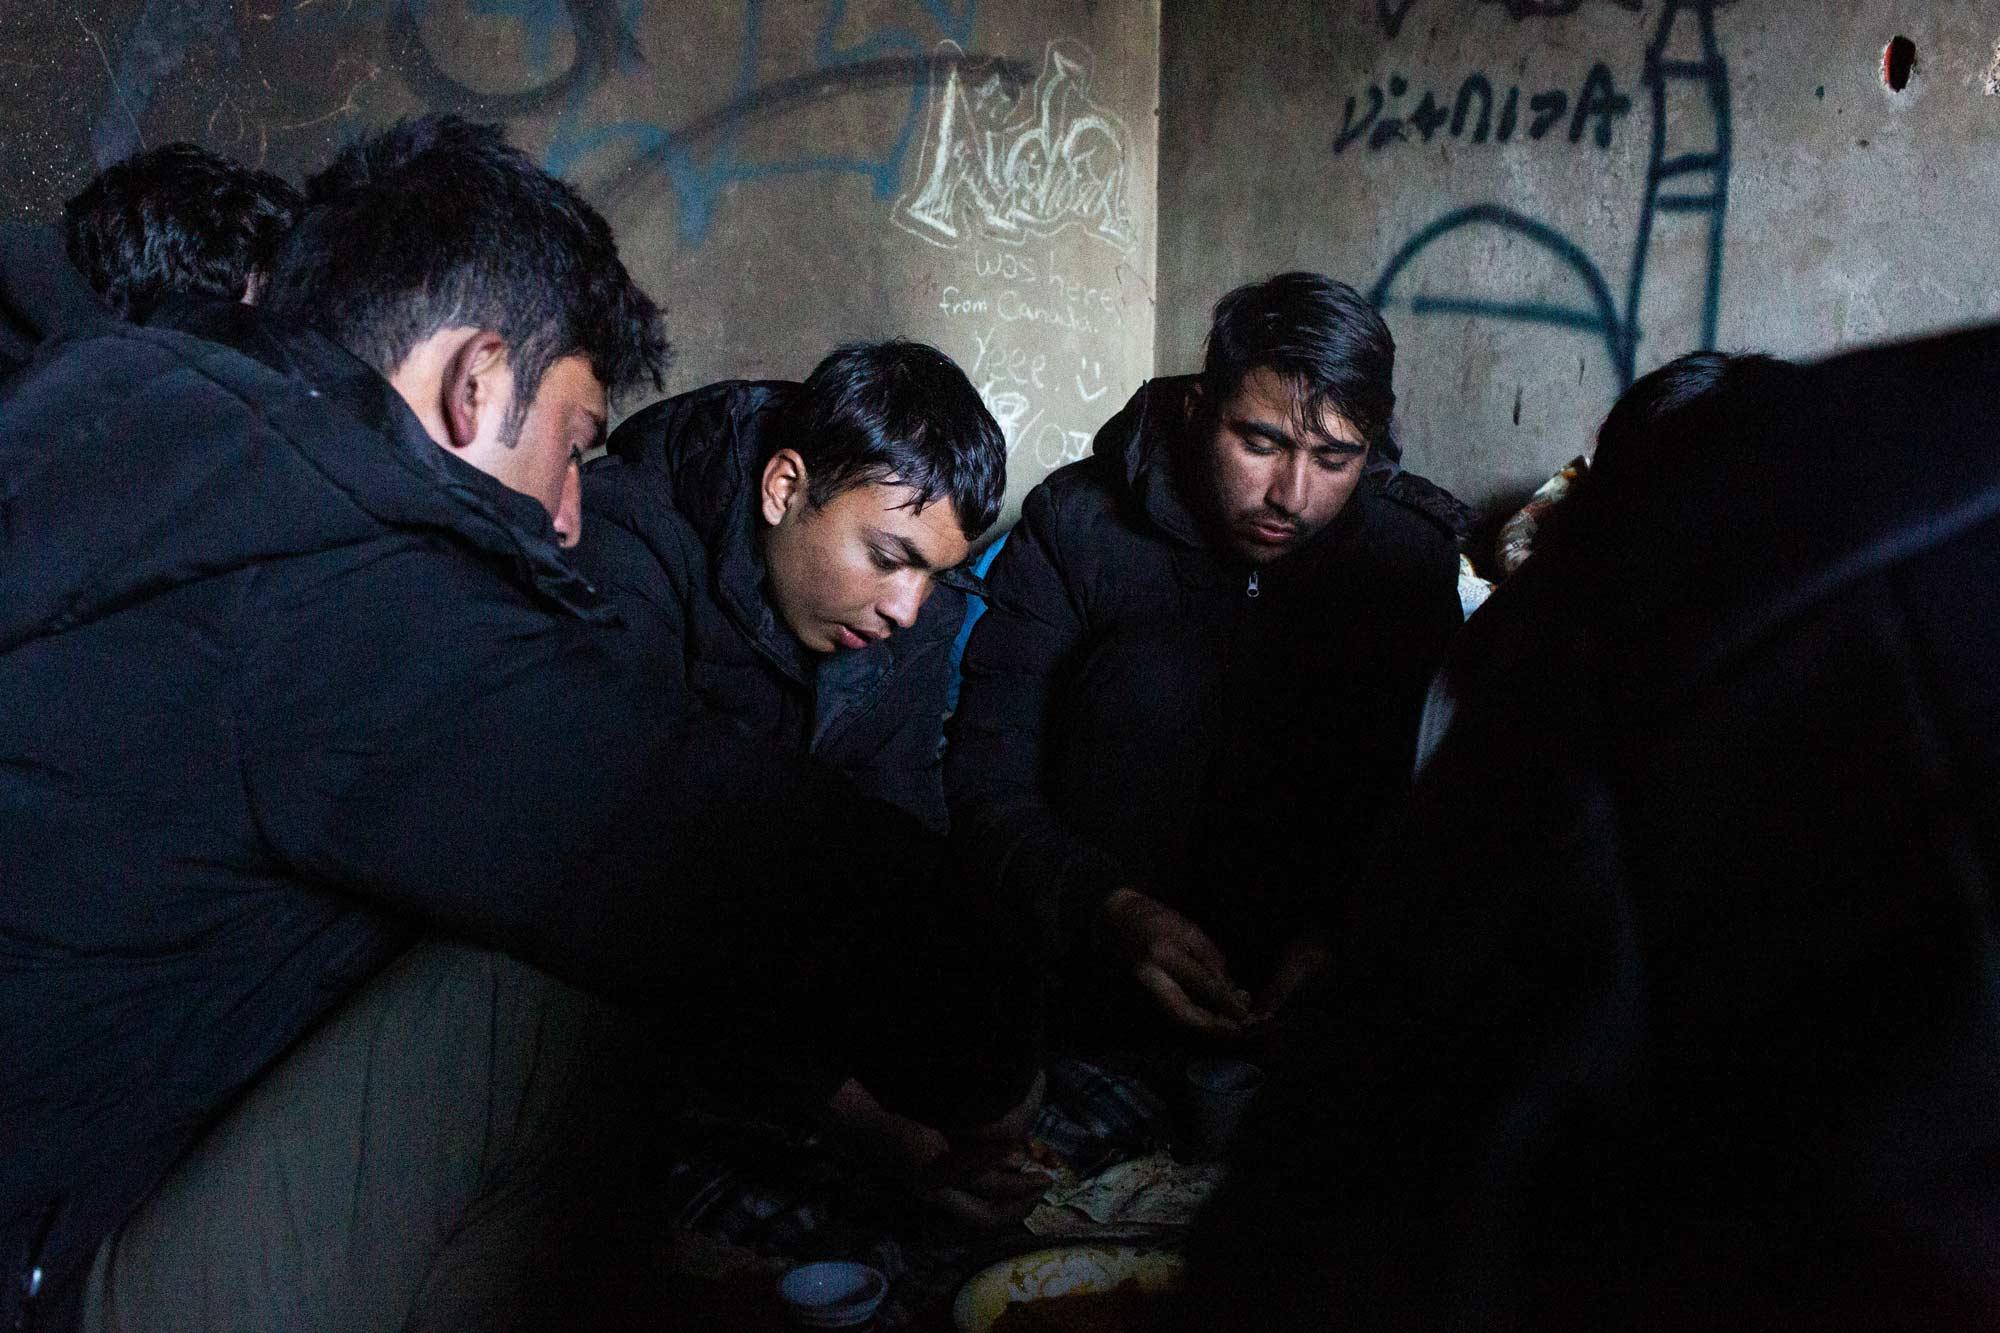 desperate refugees and migrants esan 2 - <b>Крепость «Европа»:</b> как мигранты сталкиваются с полицейской жестокостью на Балканах - Заборона